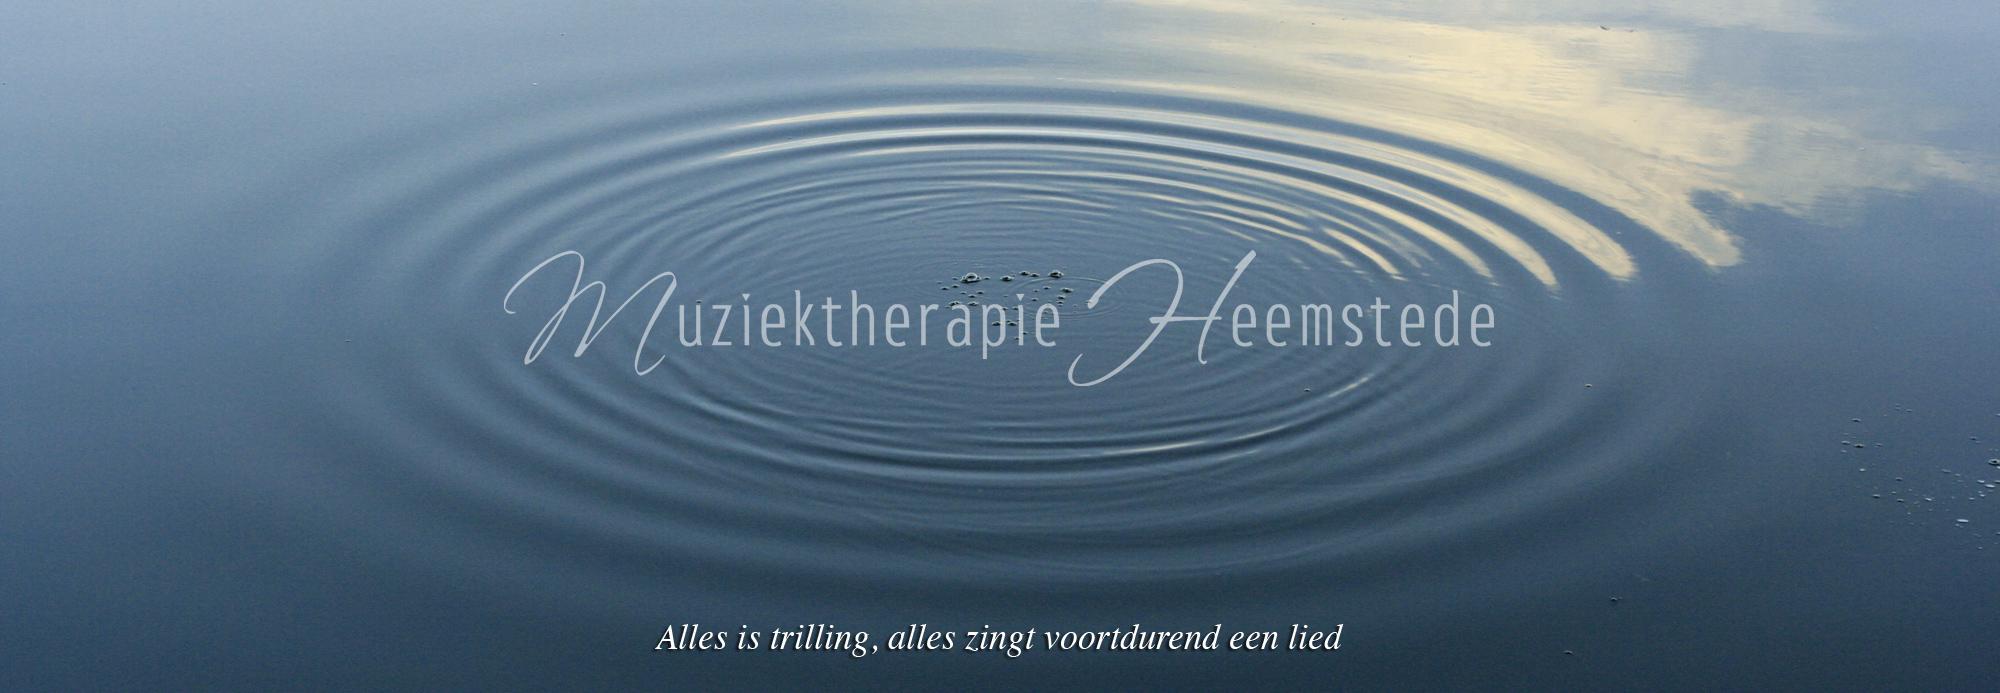 Muziektherapie Heemstede